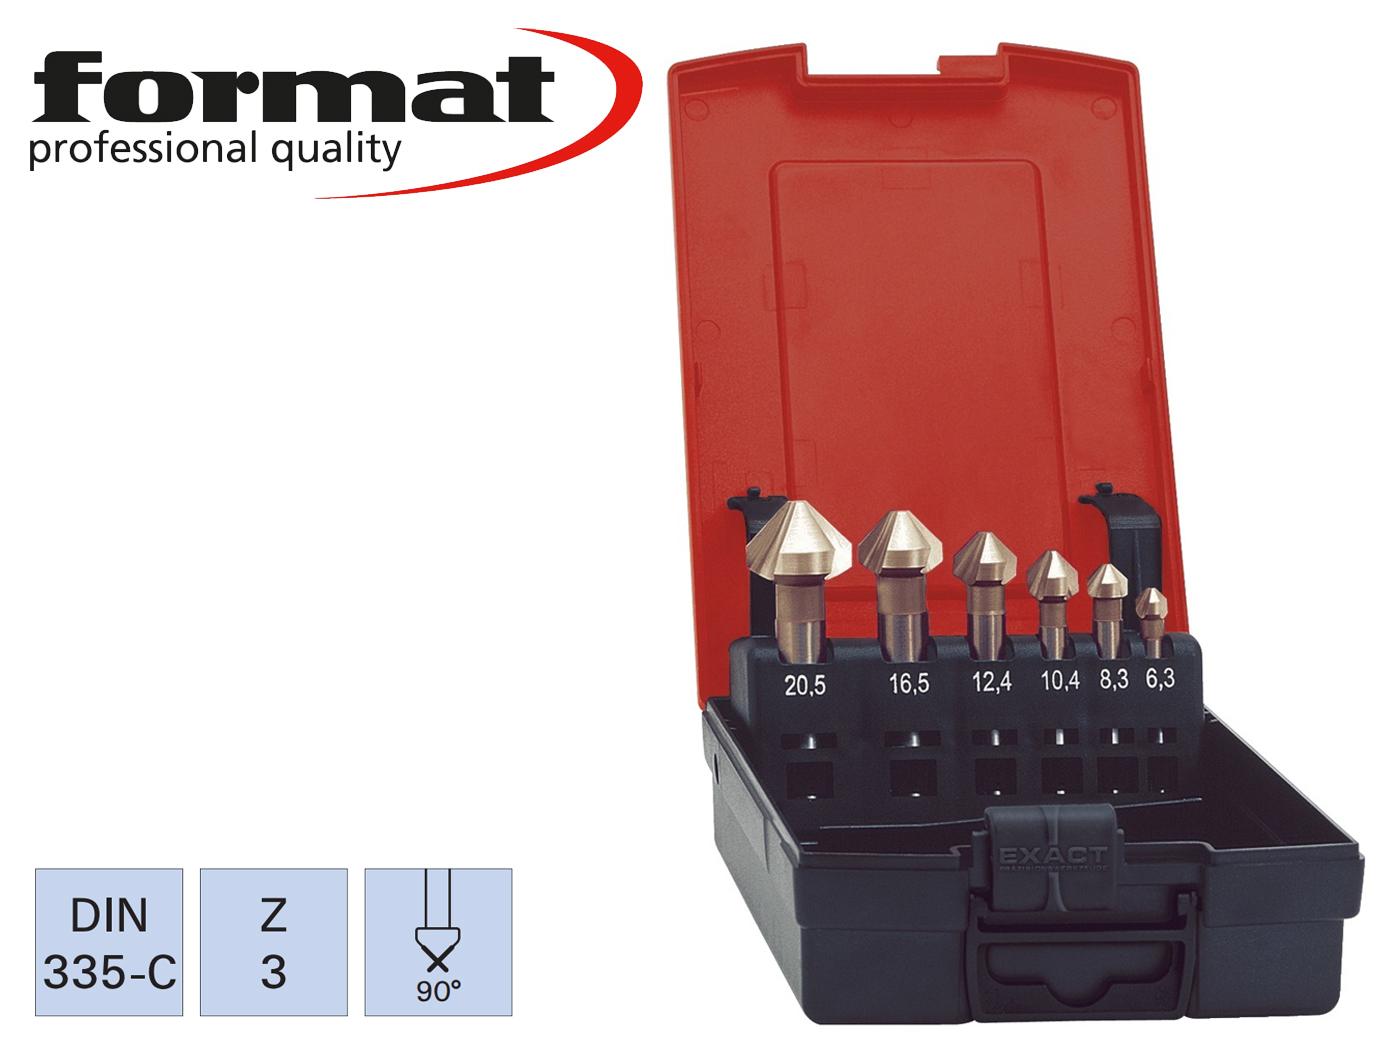 verzinkborenset DIN 335 C HSSECo5 90 G FORMAT | DKMTools - DKM Tools